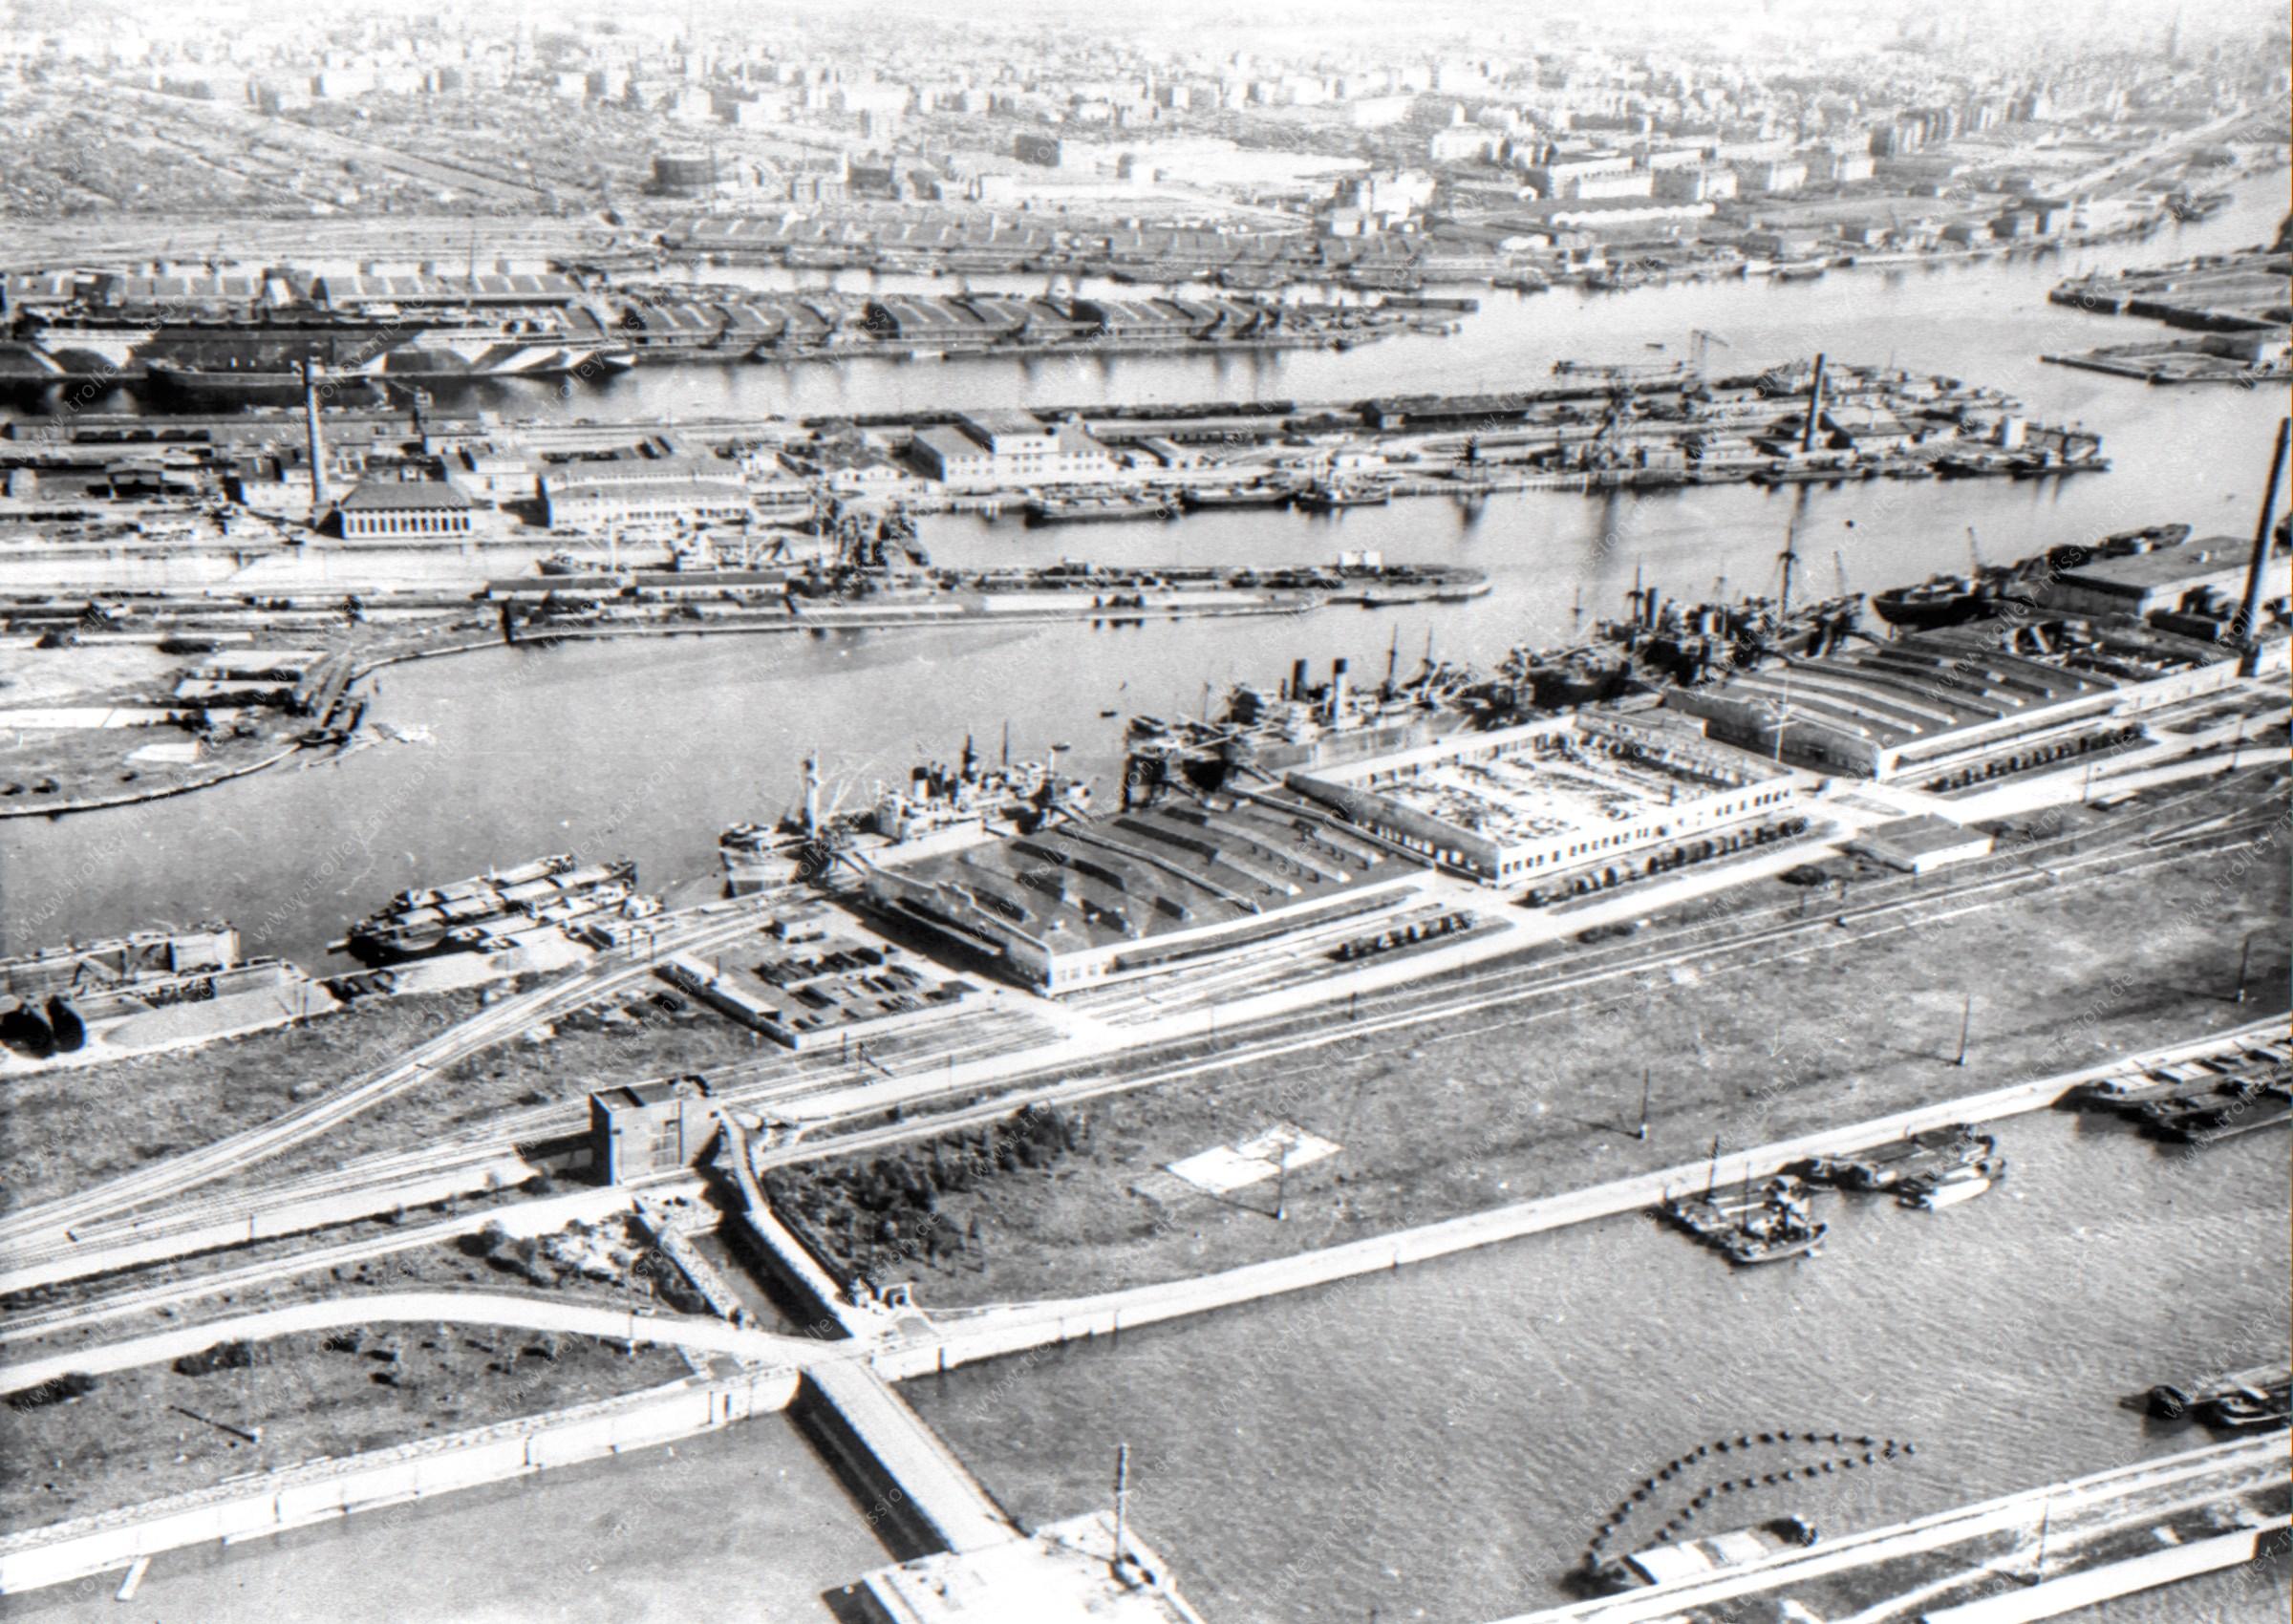 Luftaufnahme Überseehafen in Bremerhaven (Wesermünde) mit Verbindungshafen und Kaiserhafen sowie Lloyd Werft und Nordschleuse und Columbuskaje